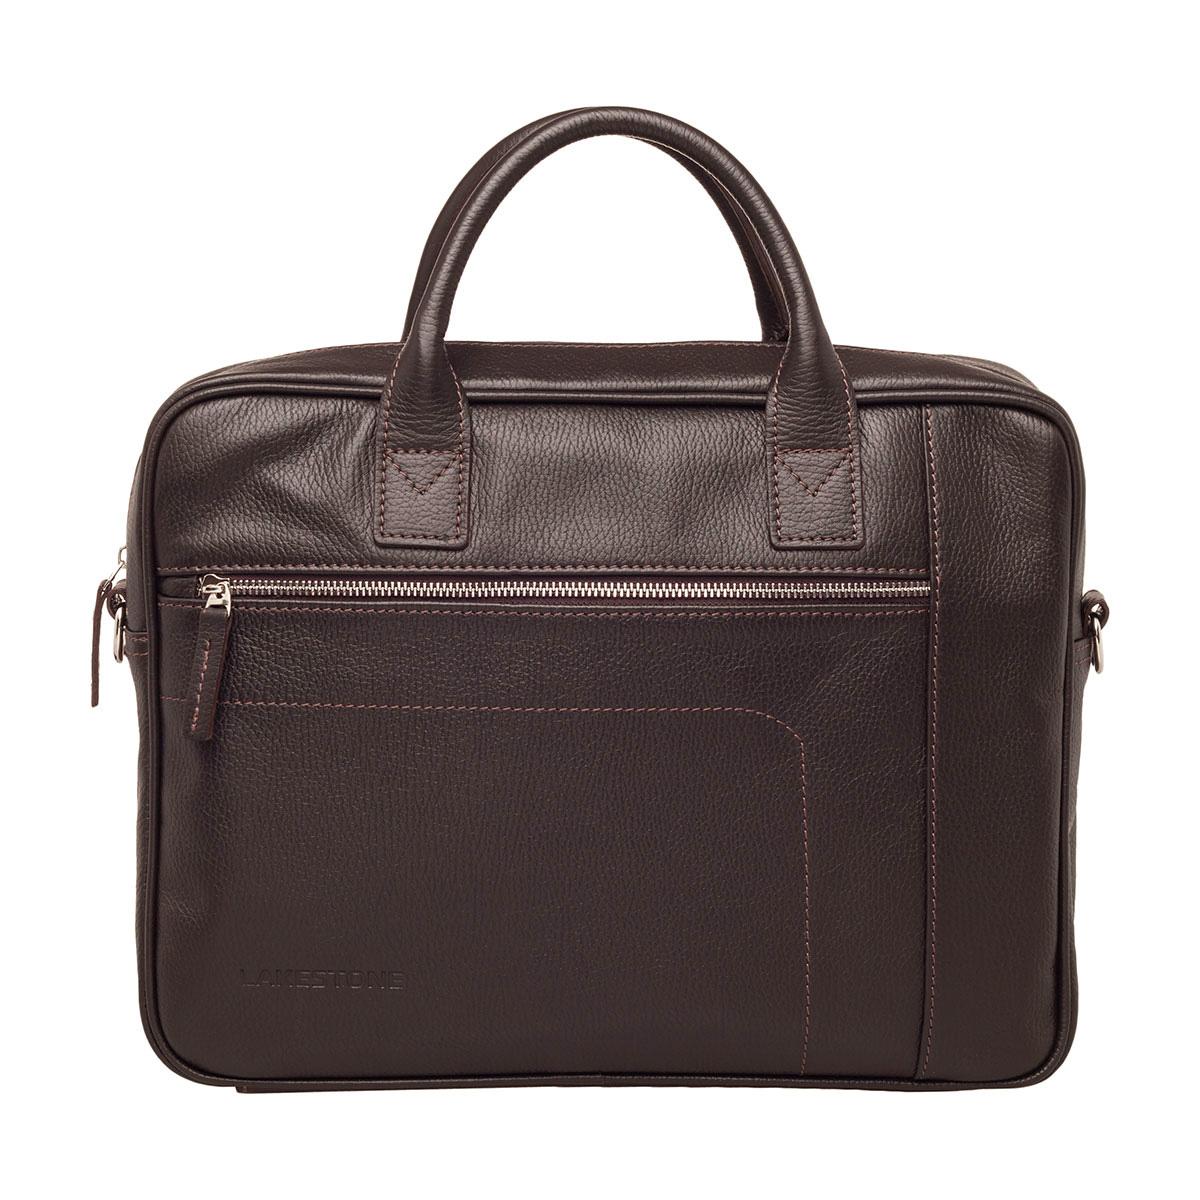 Деловая сумка Baxter Brown из кожи для ноутбука фото